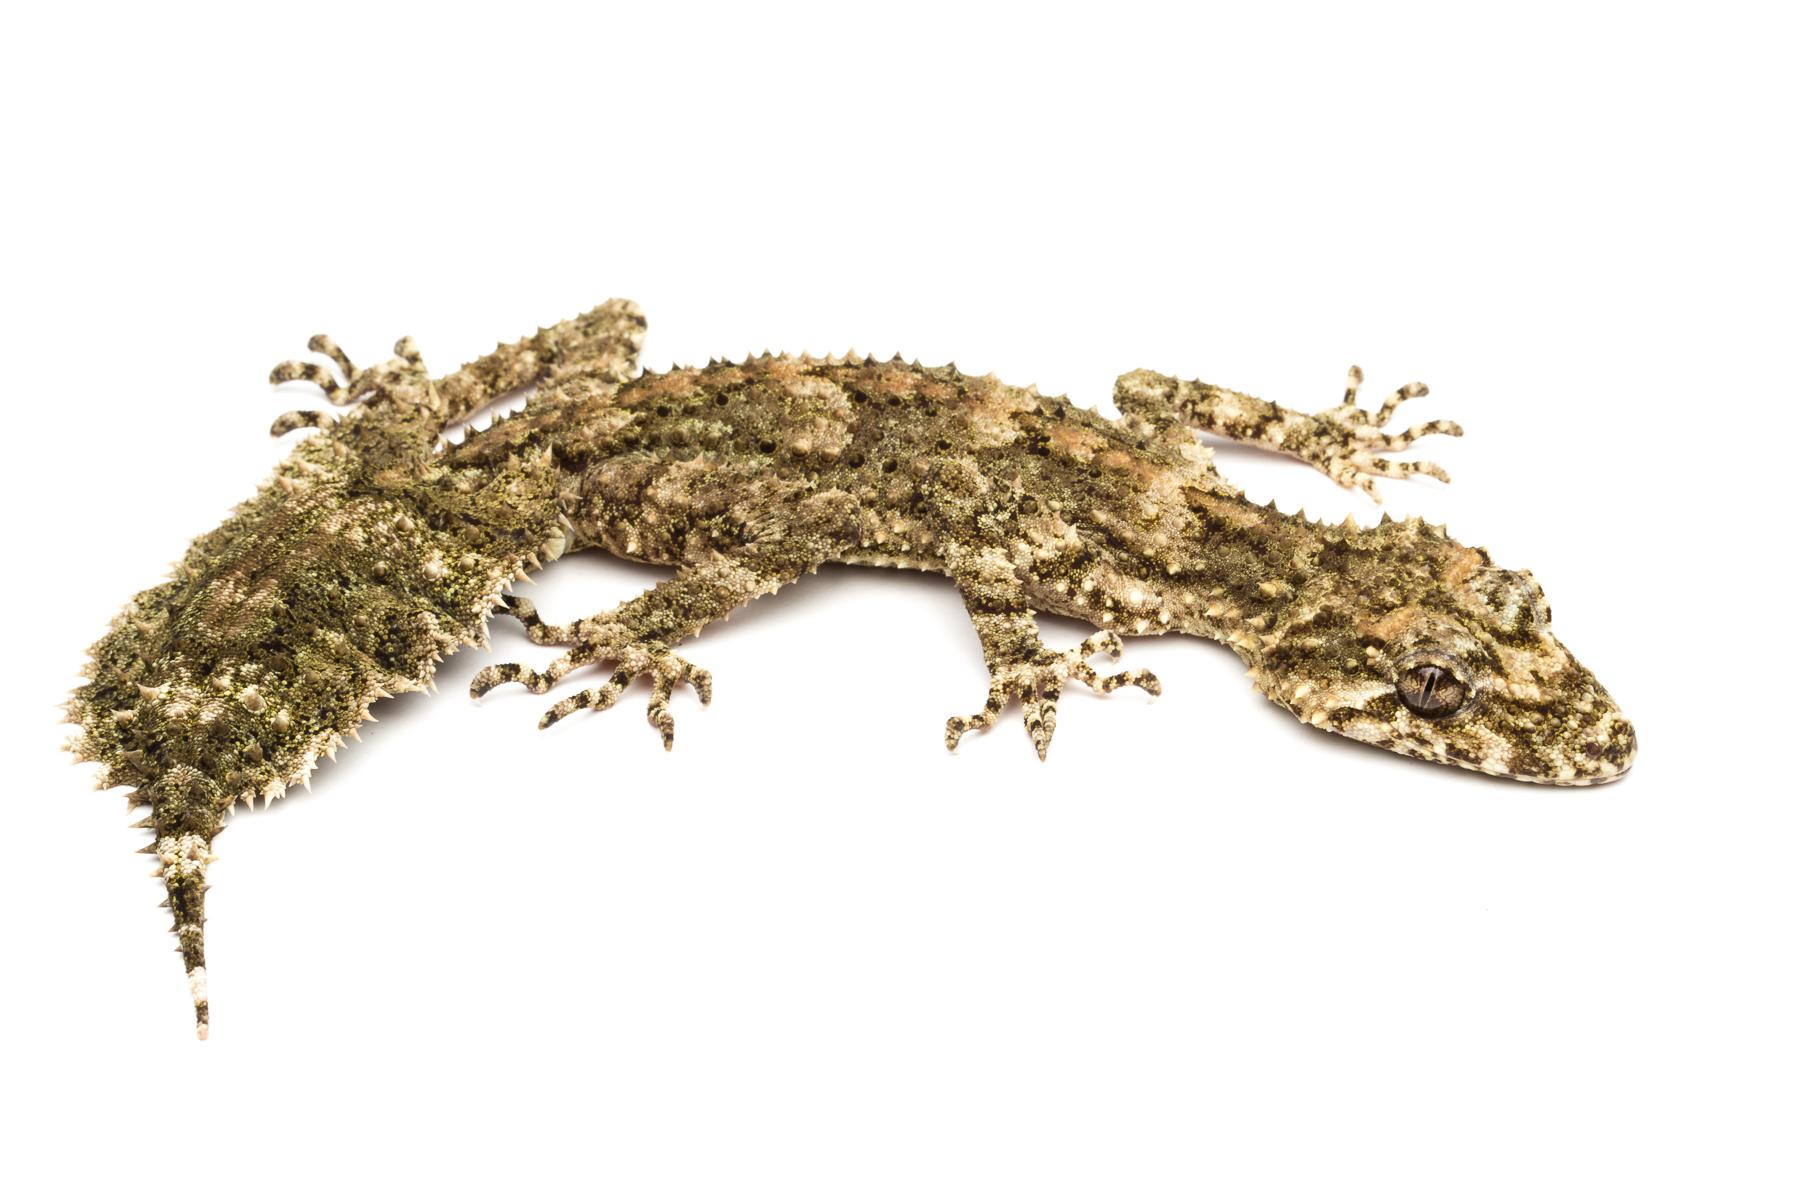 Subadult male Saltuarius wyberba